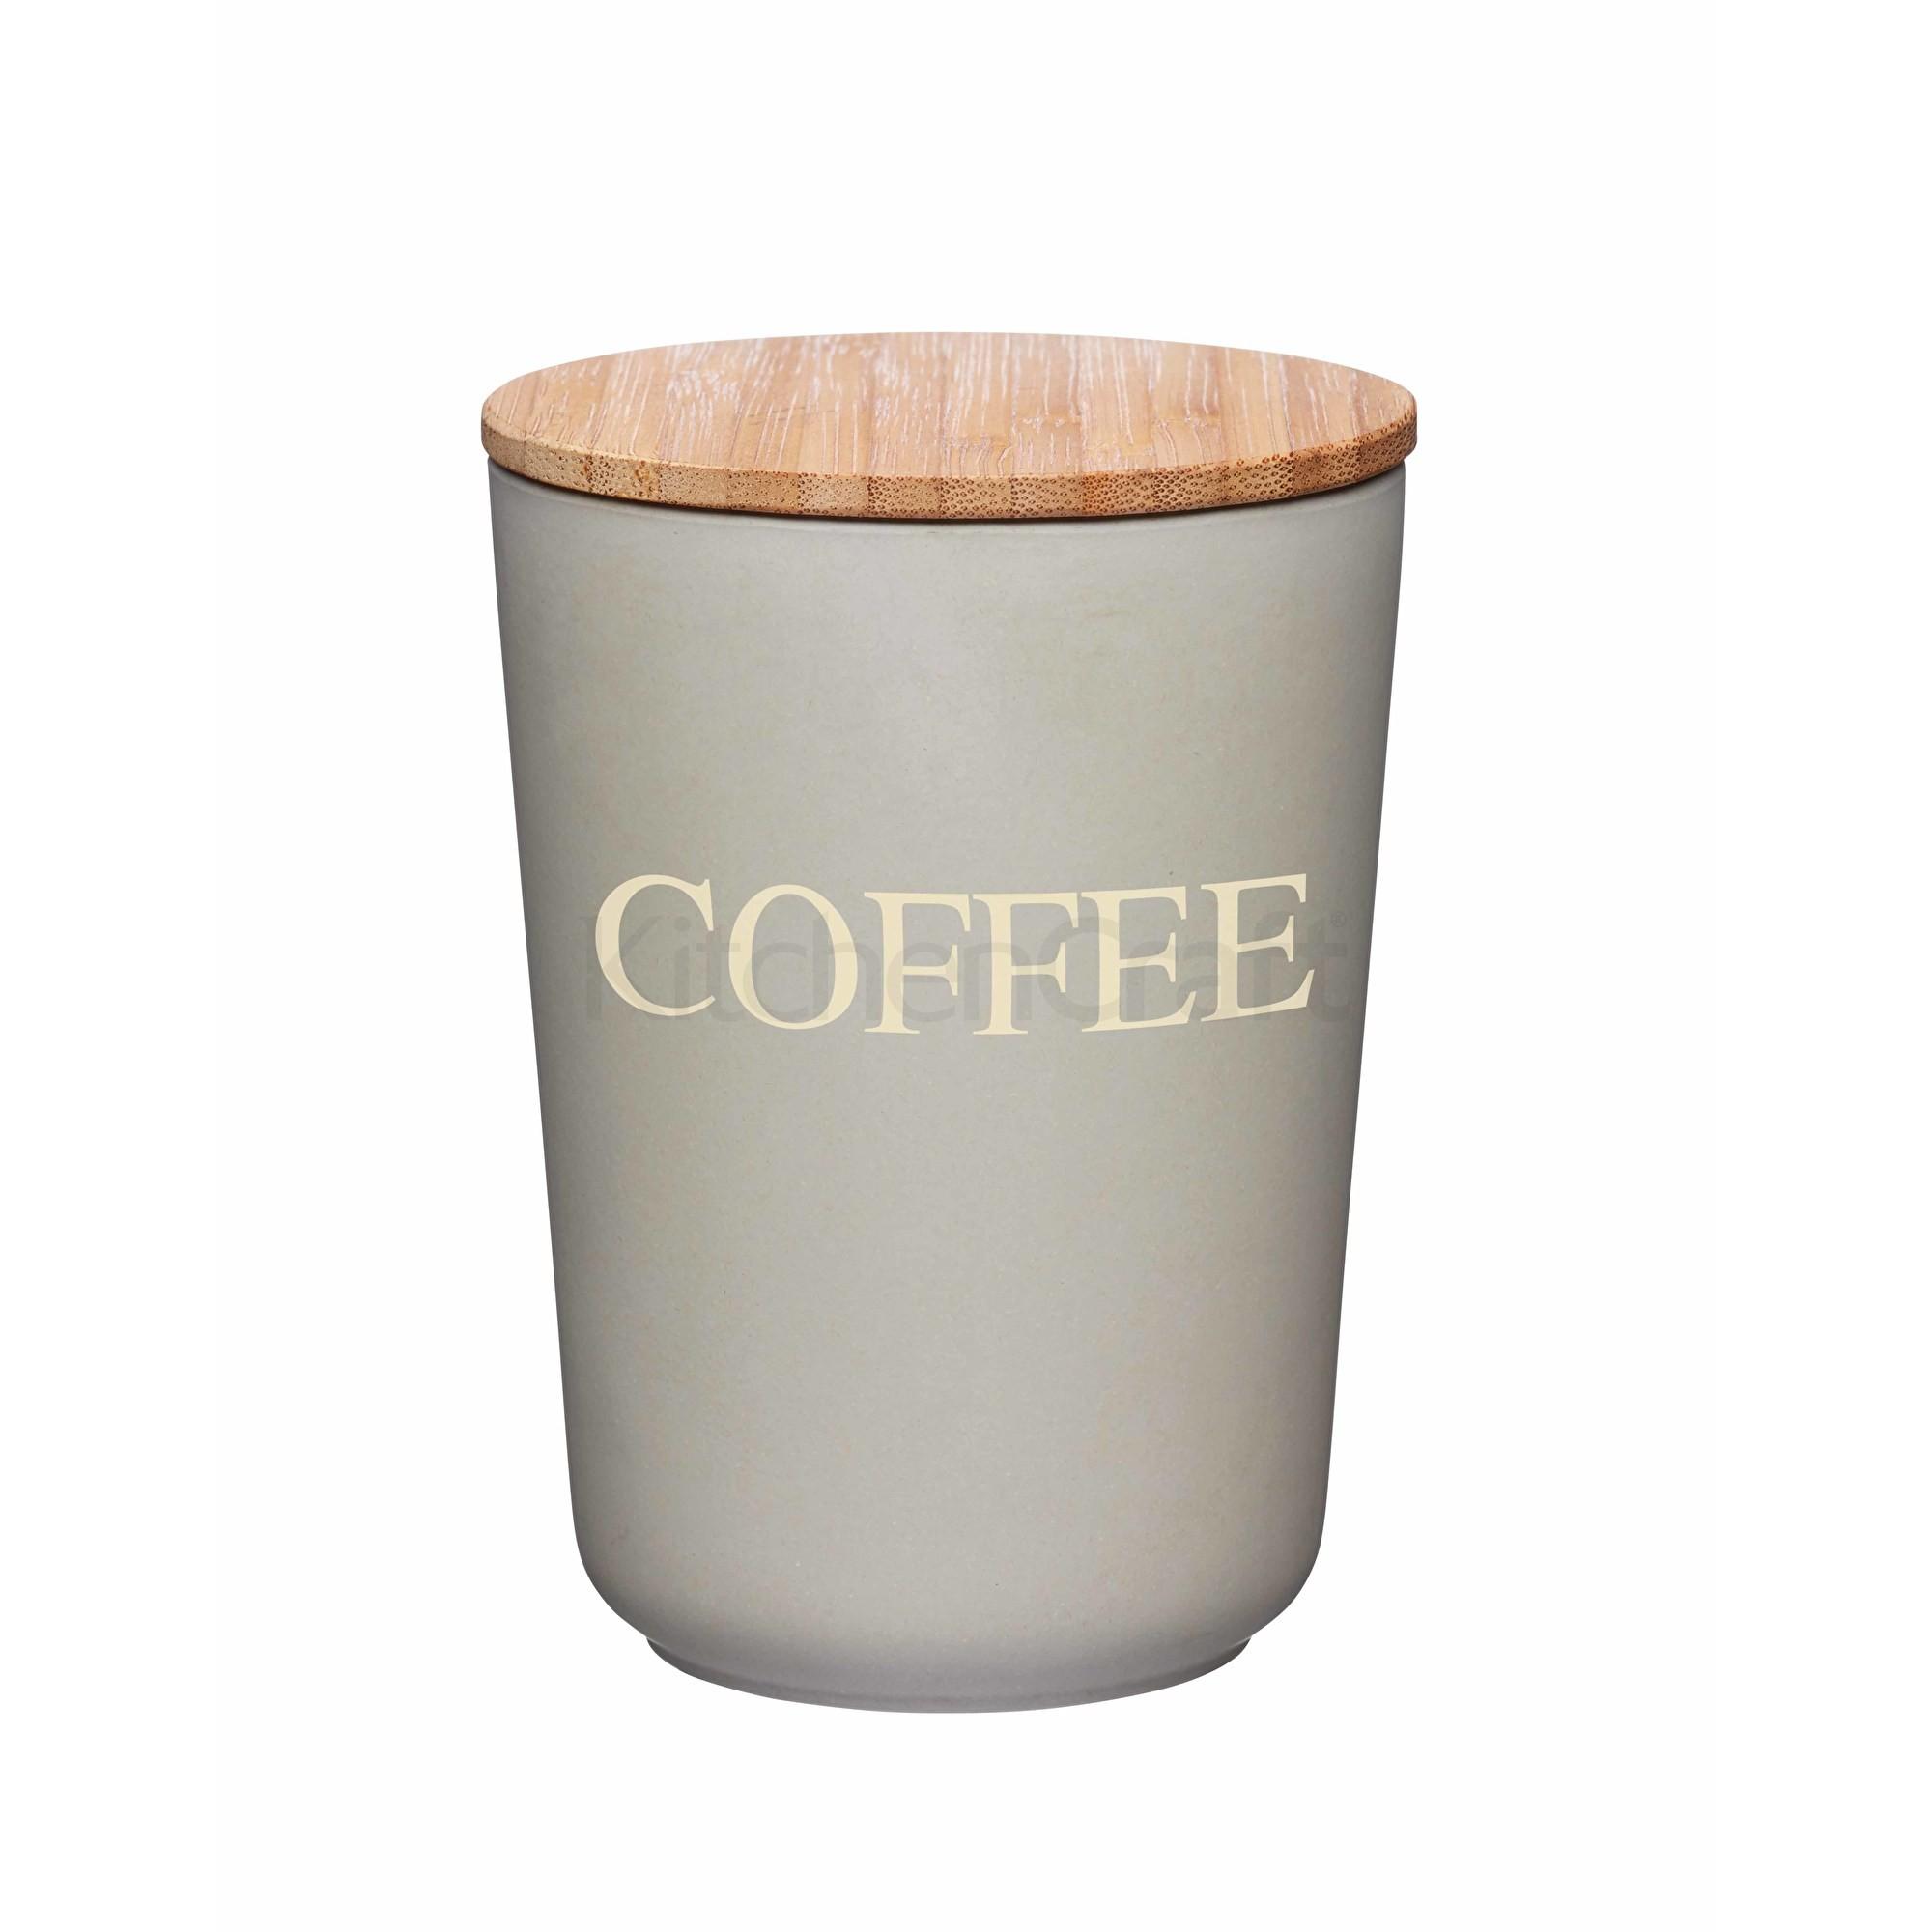 Δοχείο Coffee Natural Elements Bamboo Fibre Kitchencraft home   ειδη cafe τσαϊ   δοχεία καφε   ζάχαρης